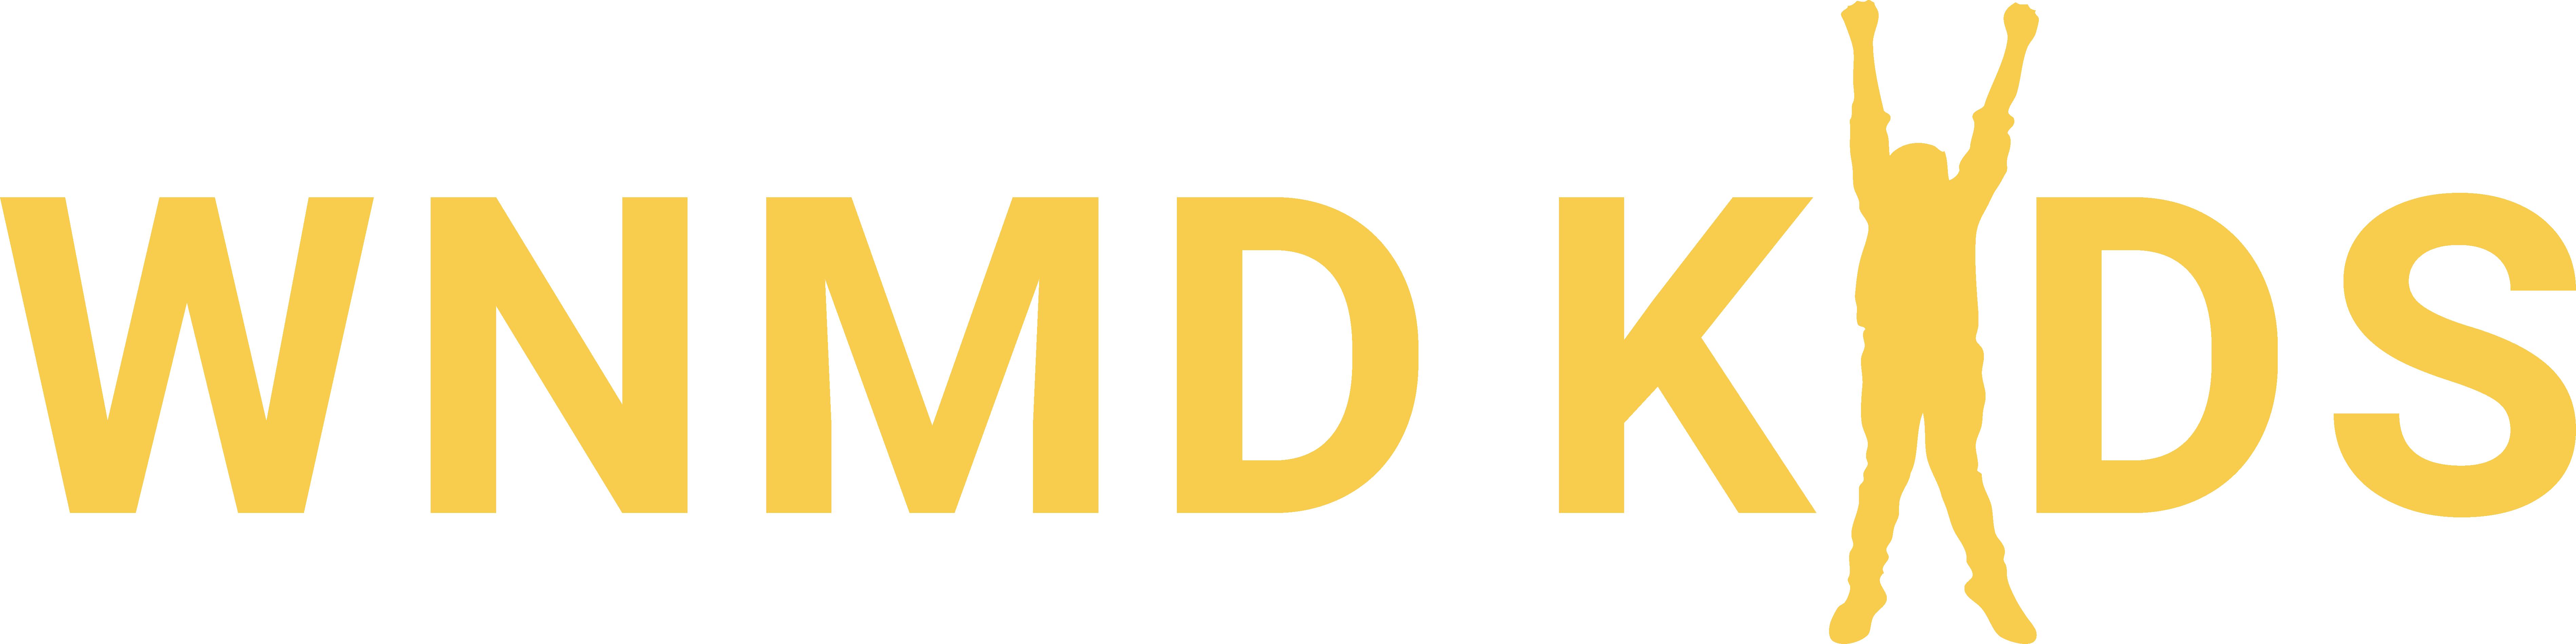 WNMDKidsyellow